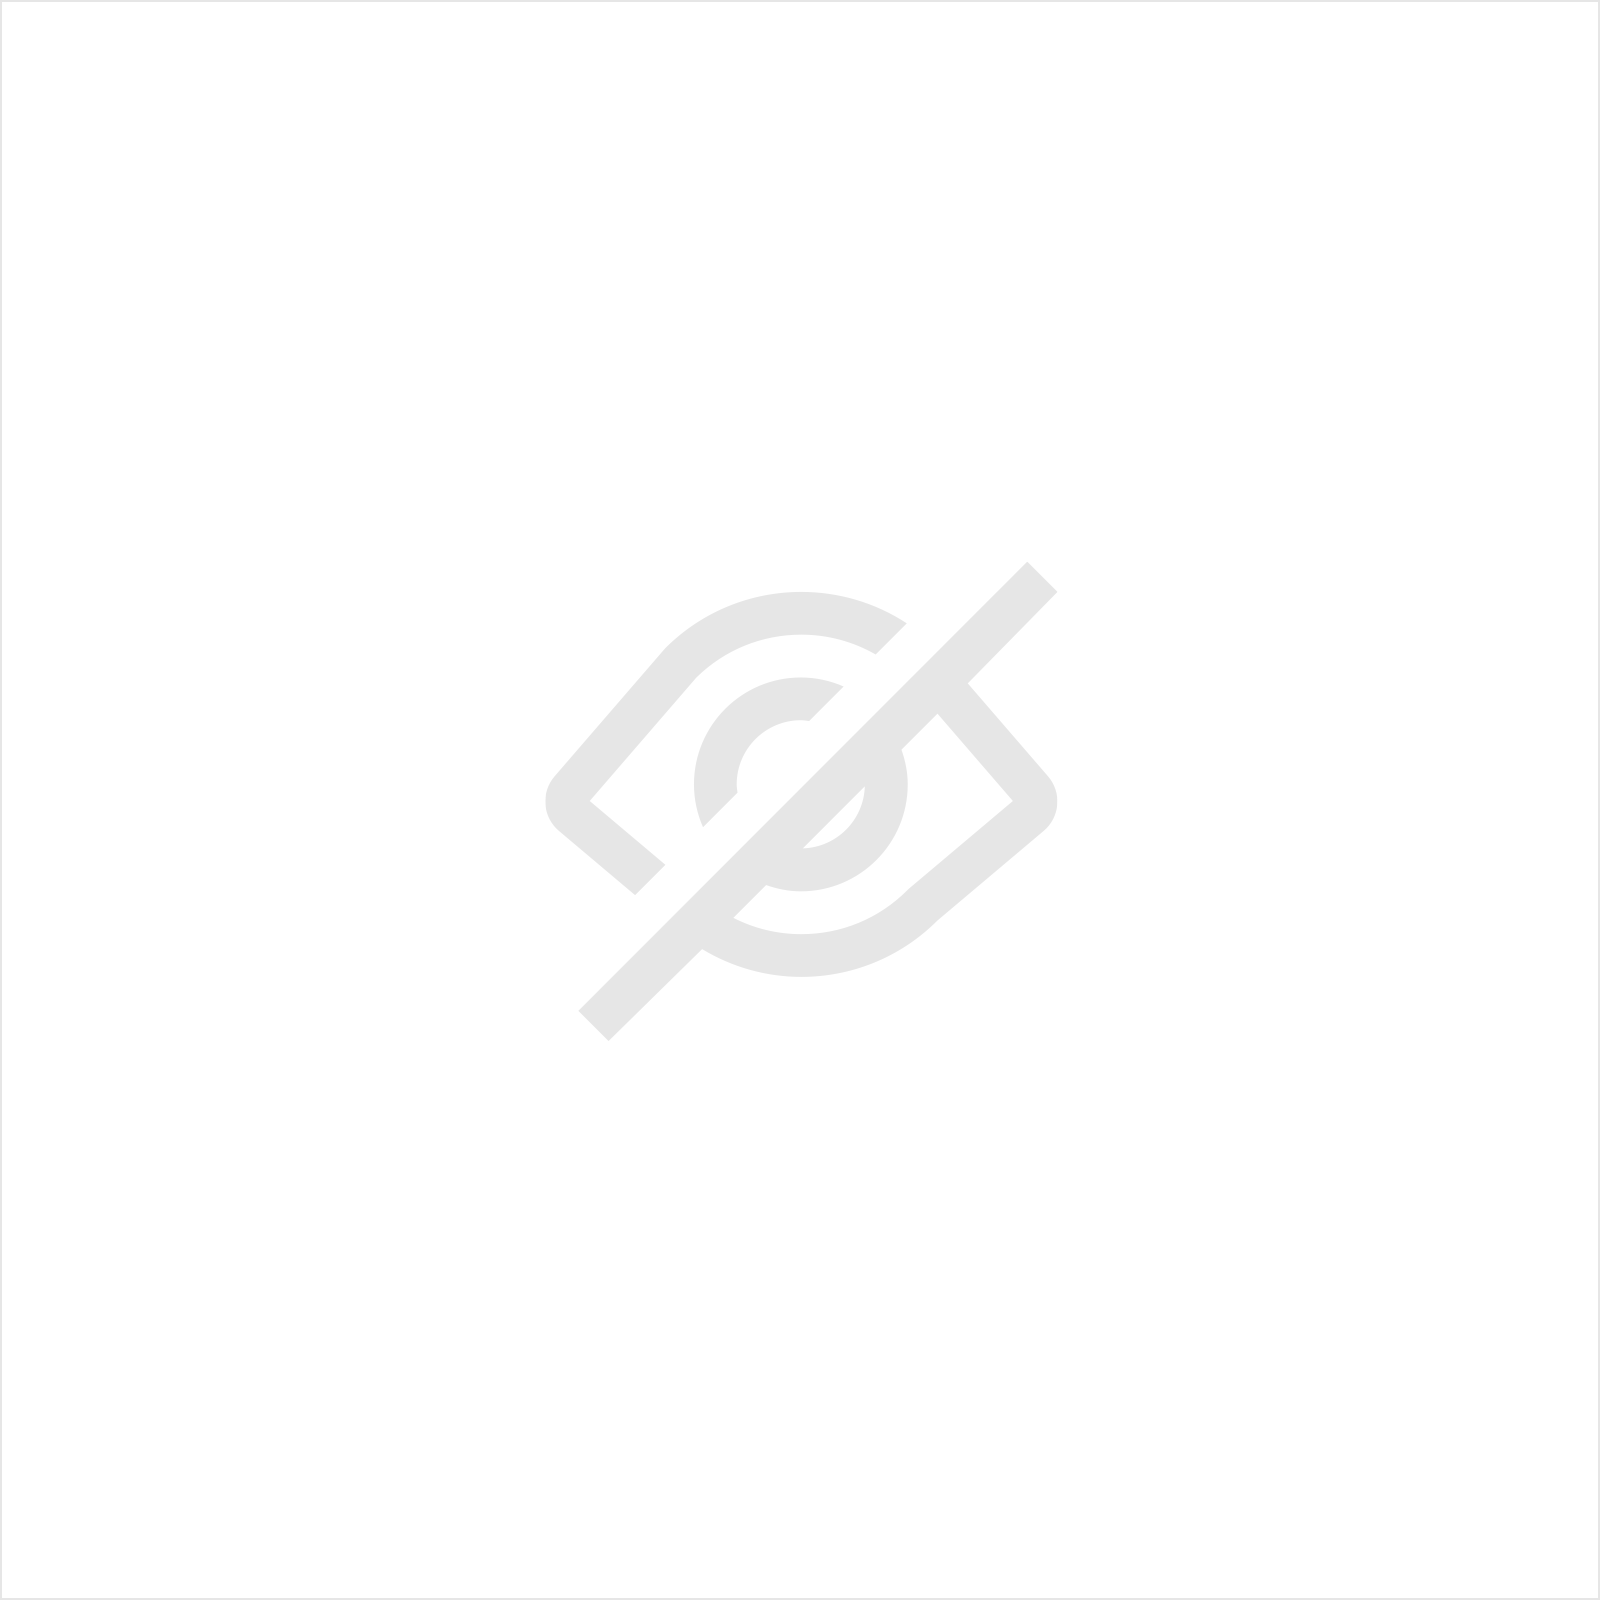 OPTIONEEL ROLPAAR VOOR BOORD EN LIJSTMACHINE 3 MM